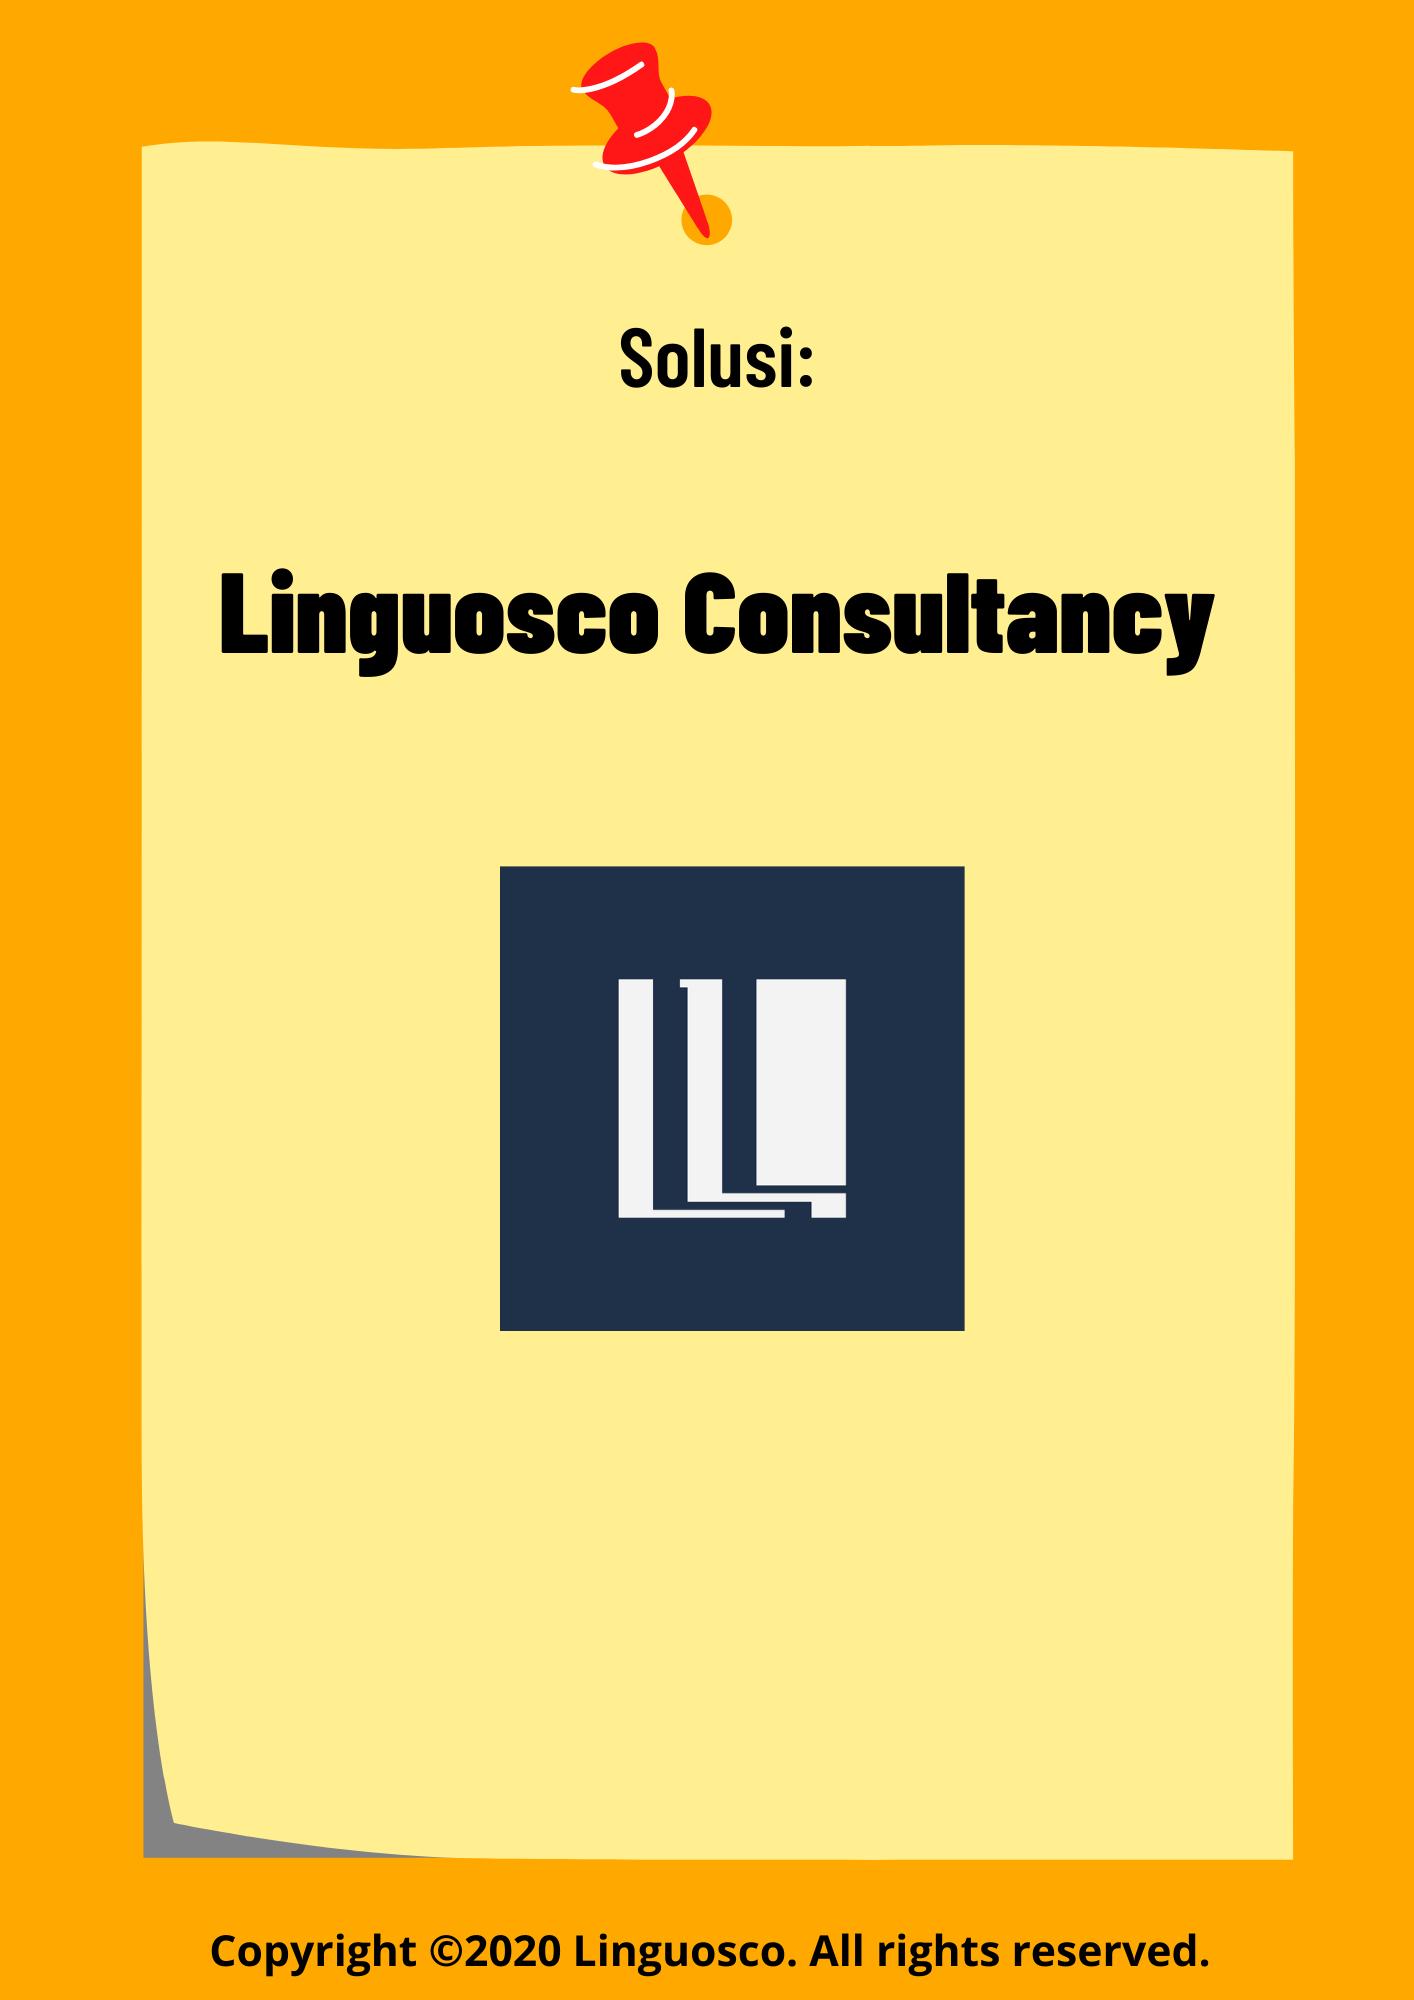 Solusi Linguosco